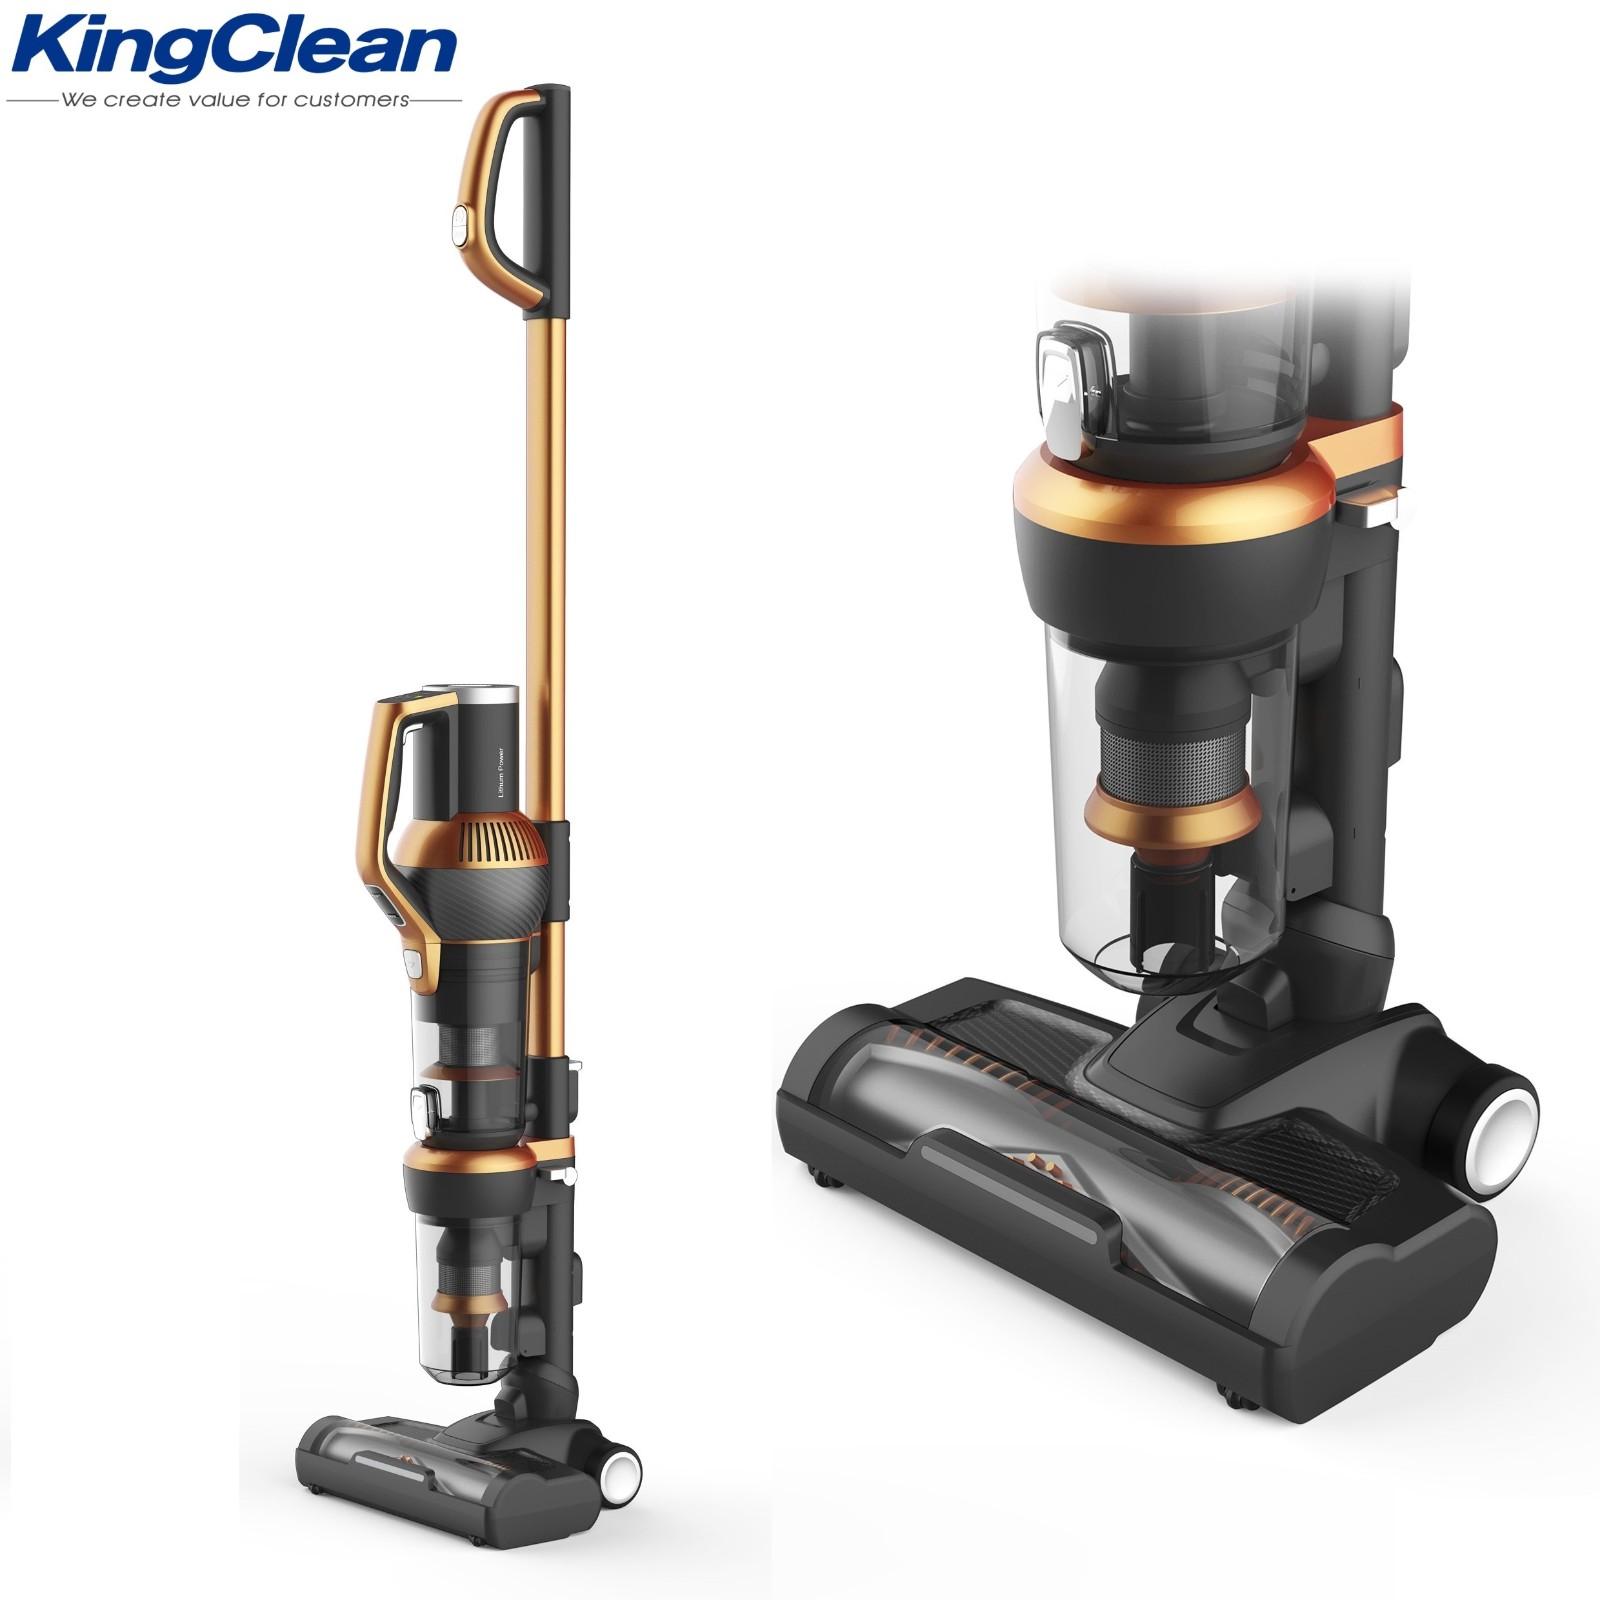 Multi-function Cordless Vacuum Cleaner